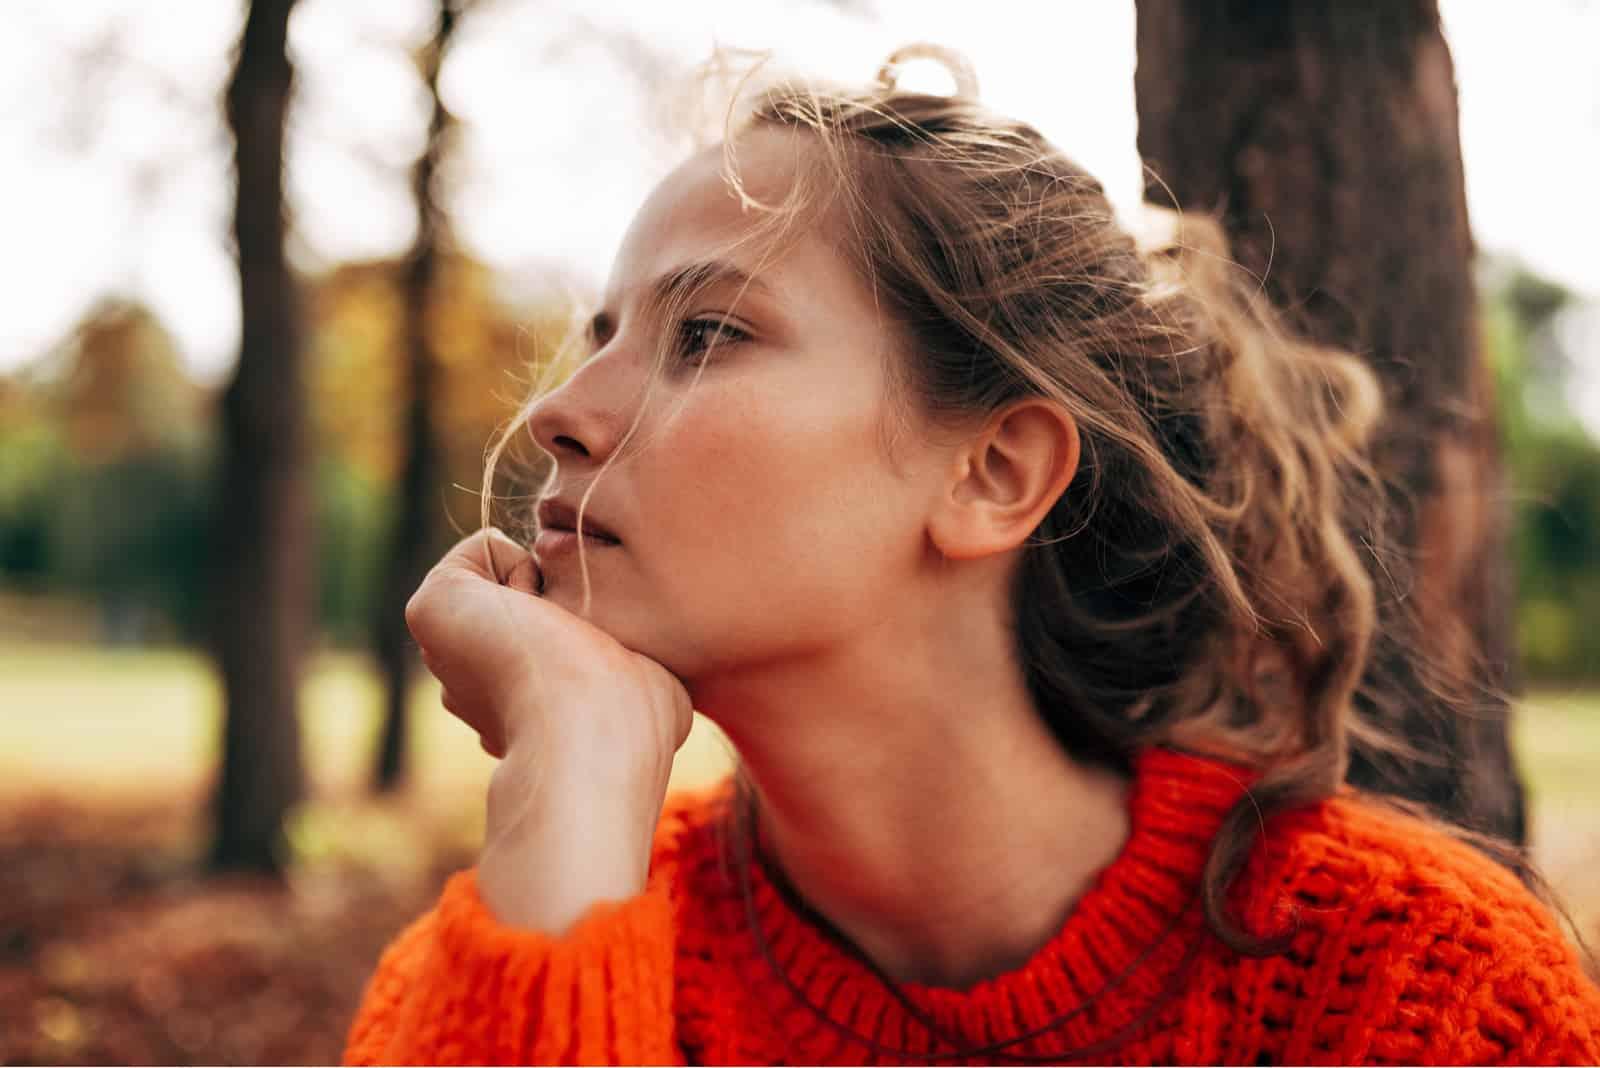 nachdenkliche Frau mit orangefarbenem Strickpullover